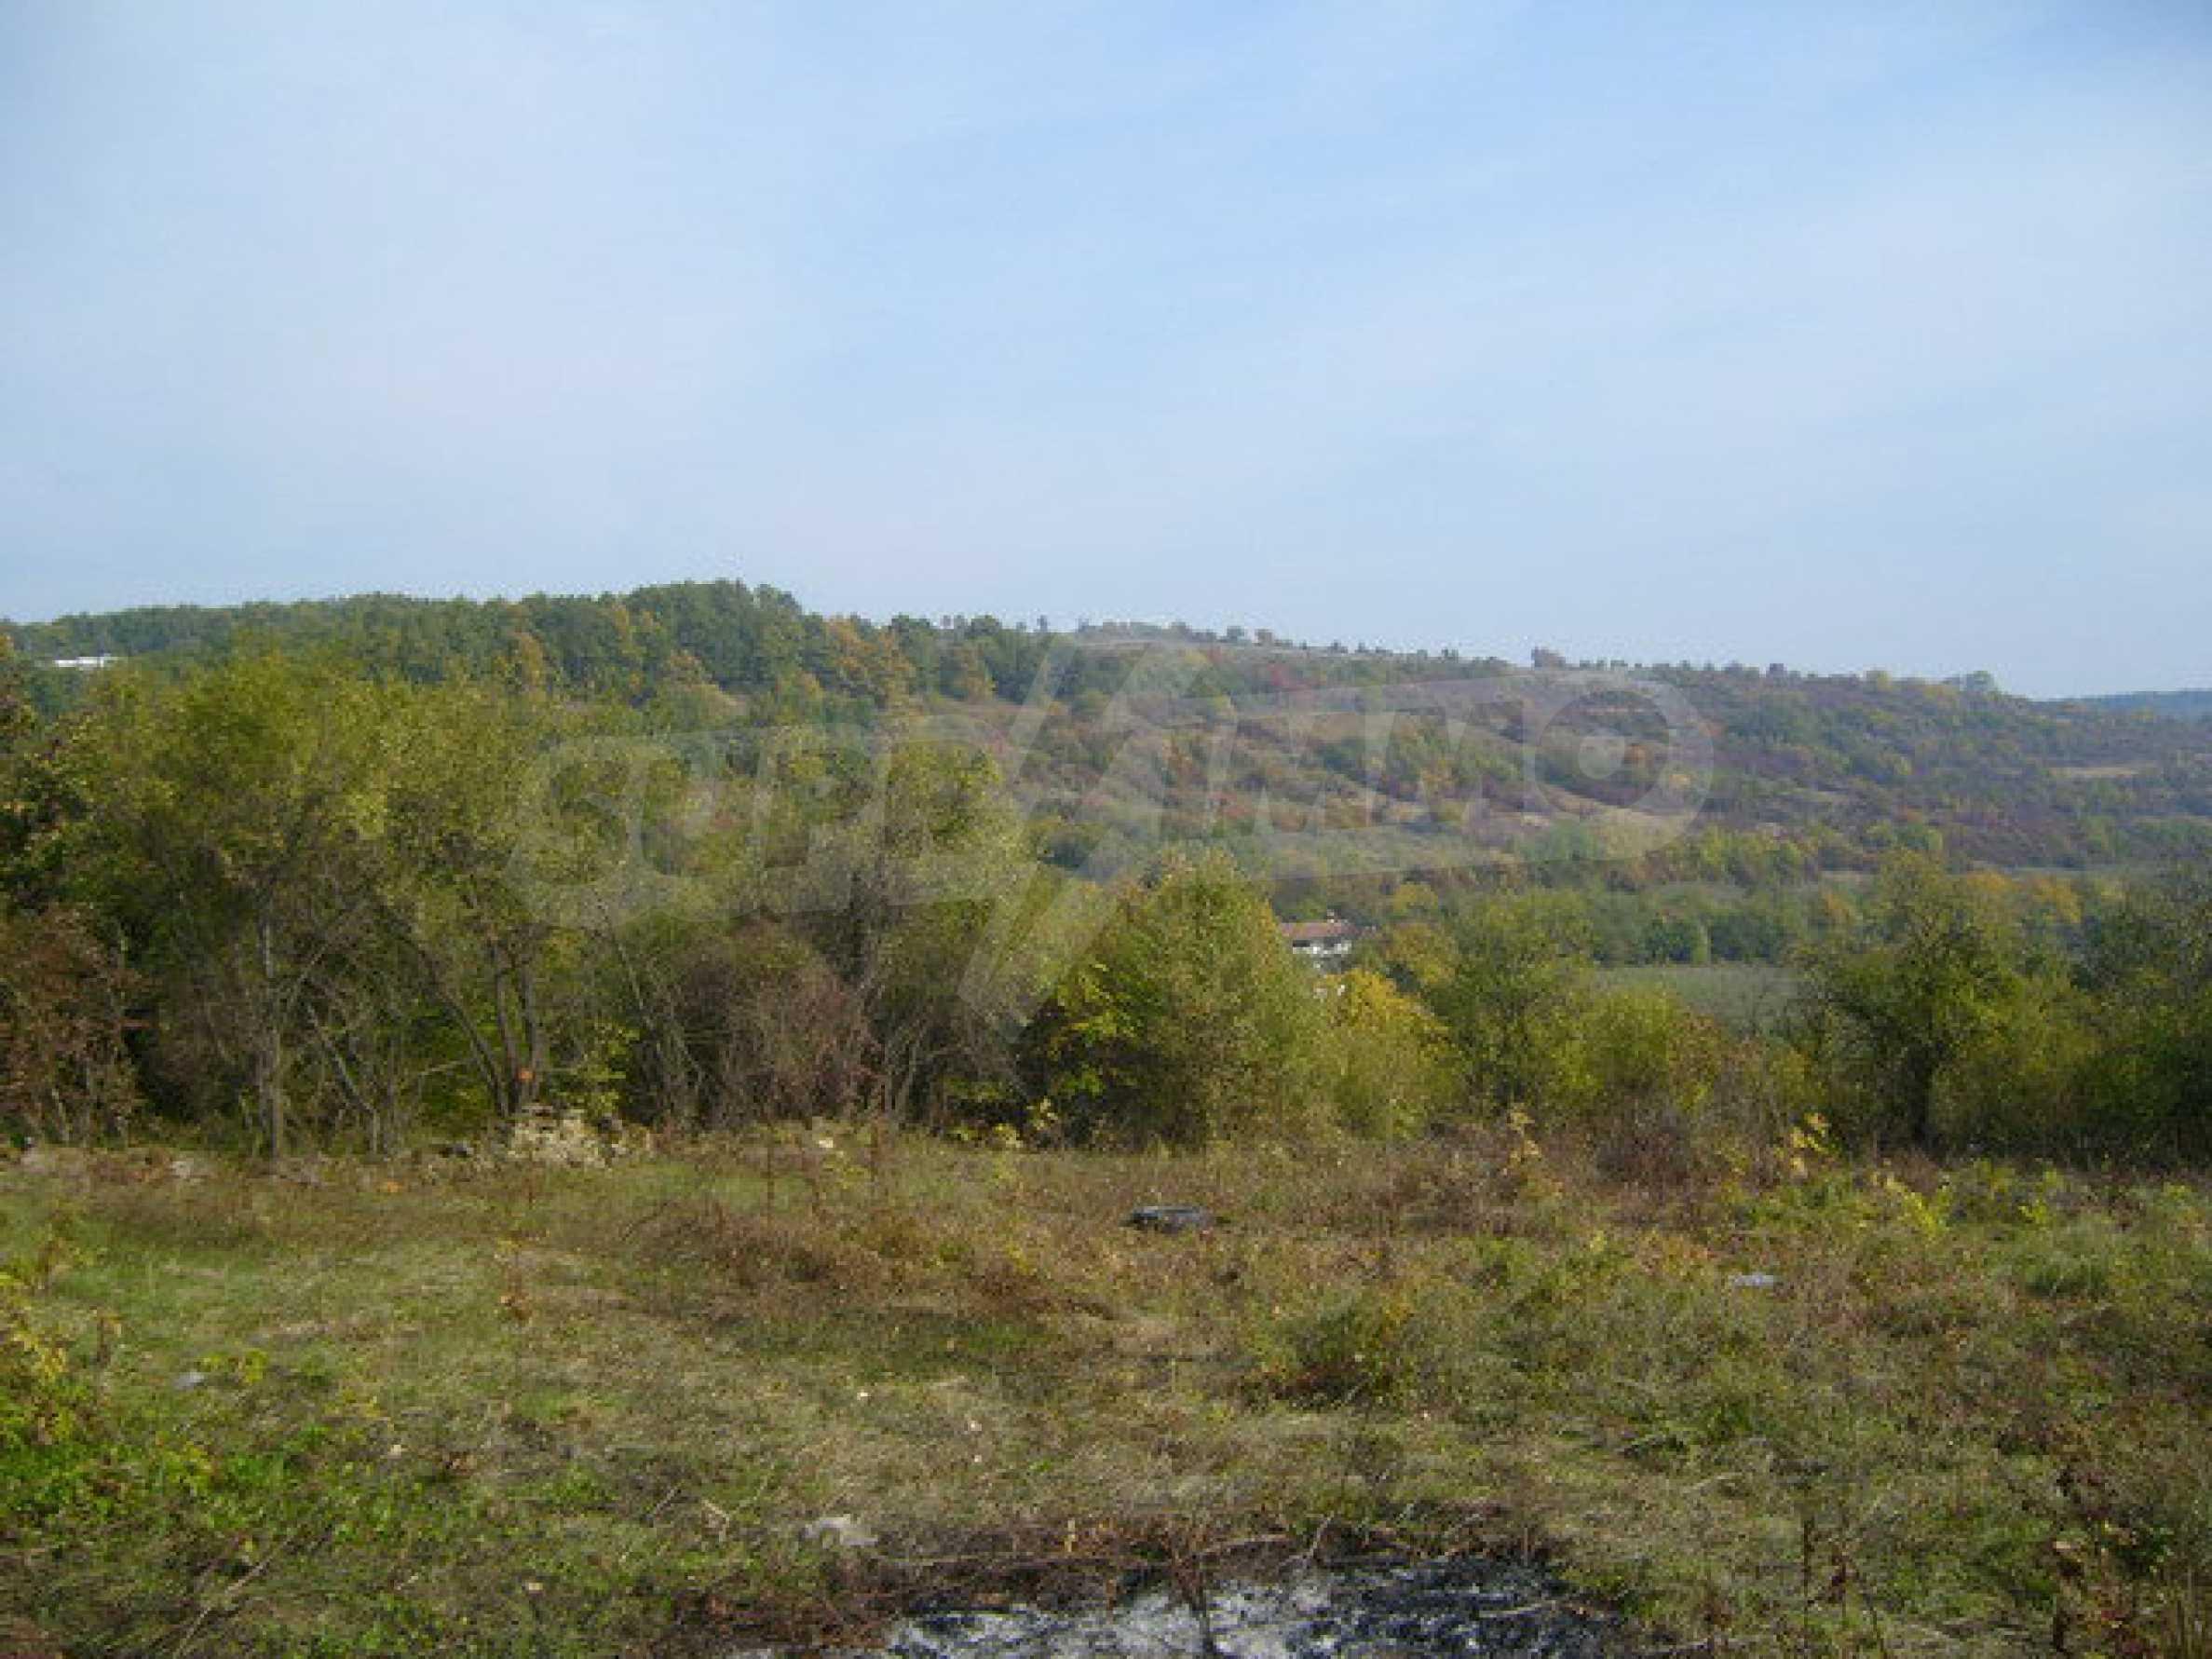 Земельный участок в деревне с красивым пейзажем 4